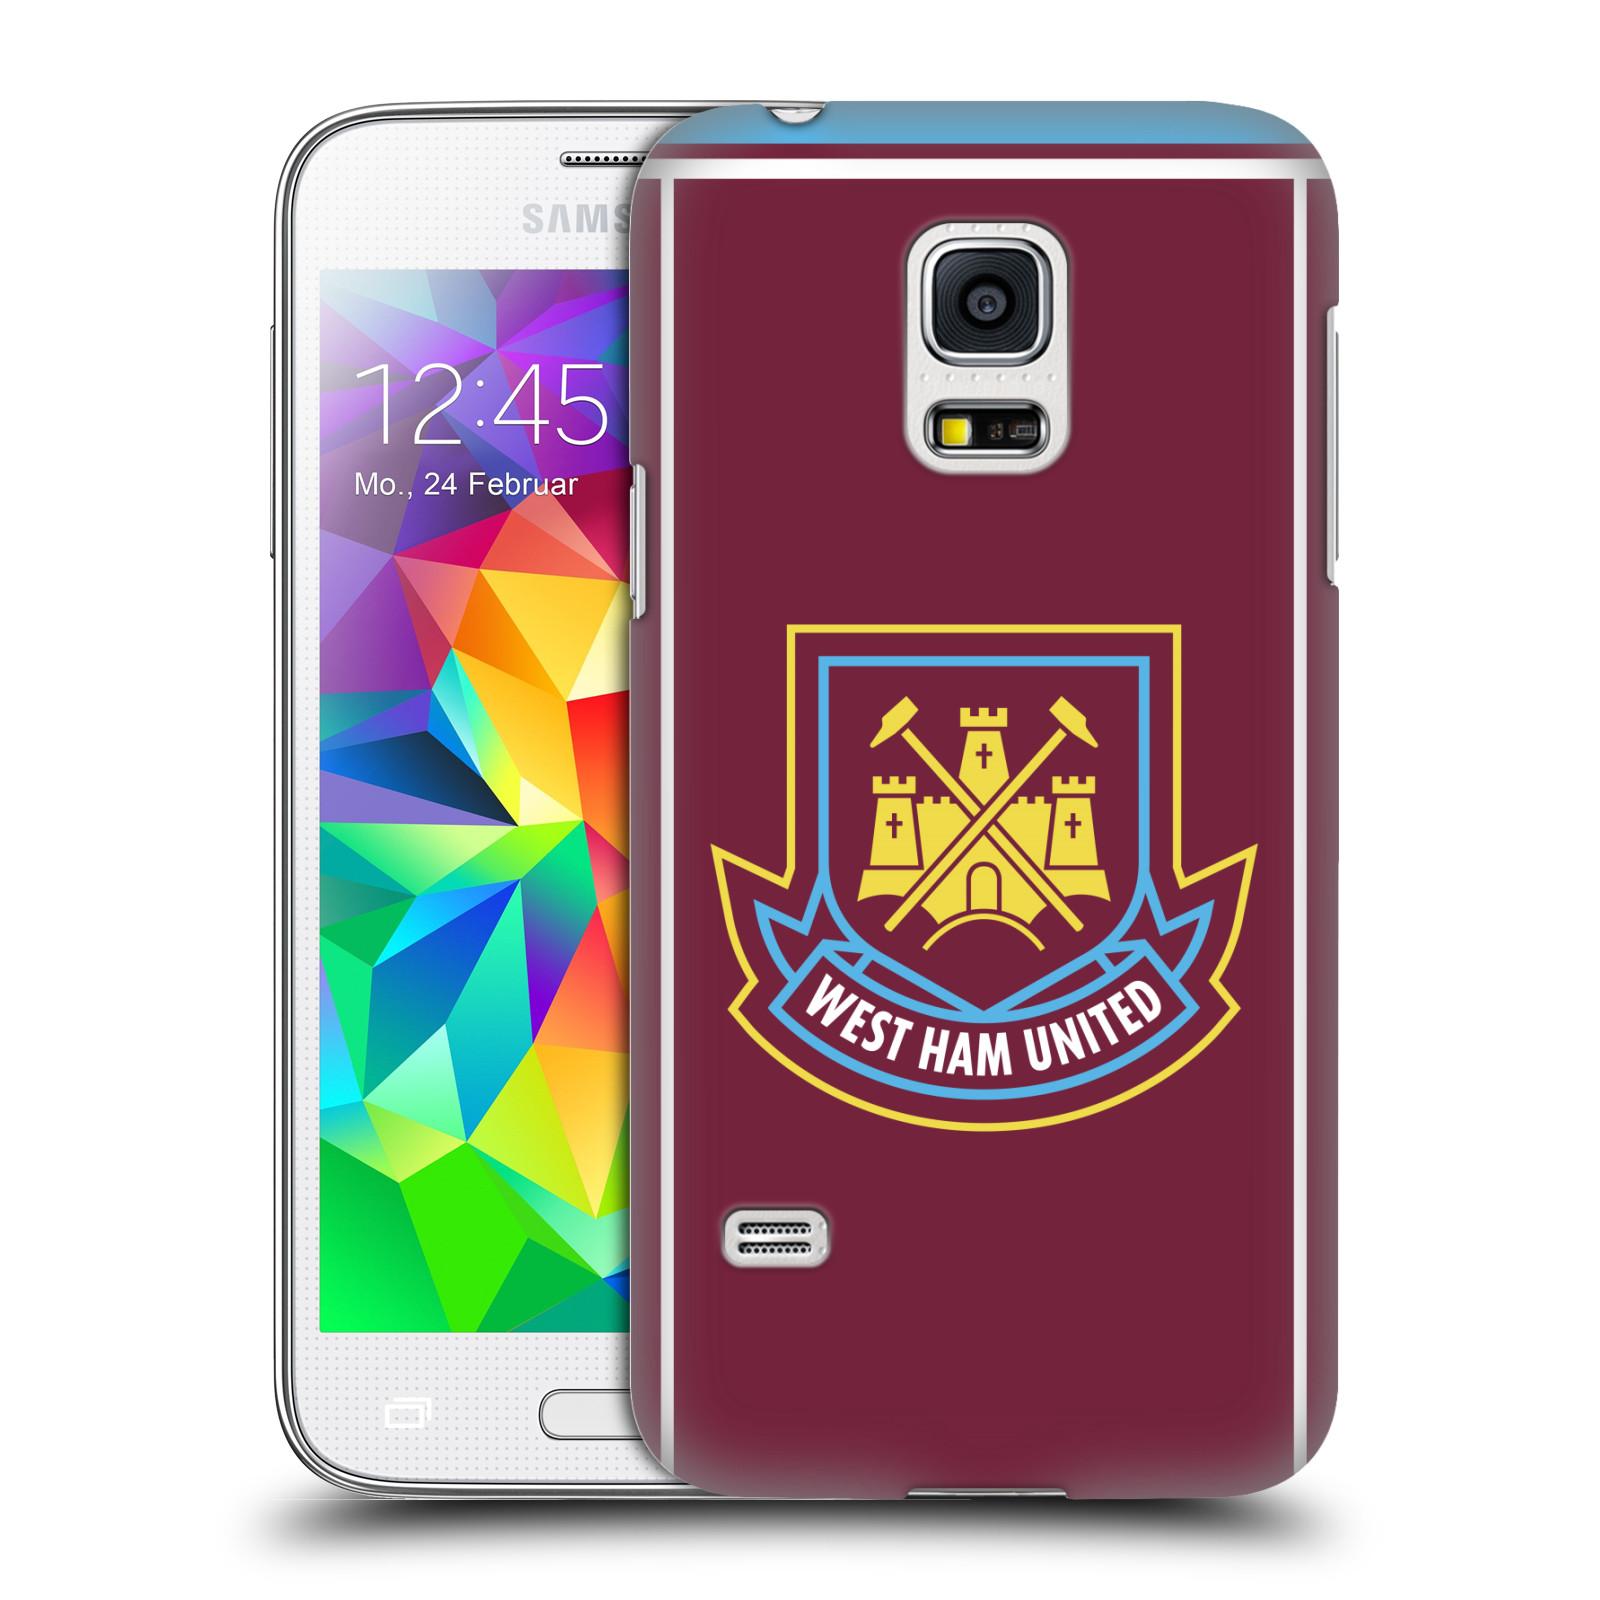 Plastové pouzdro na mobil Samsung Galaxy S5 Mini - Head Case - West Ham United - Retro znak (Plastový kryt či obal na mobilní telefon s motivem West Ham United - Kladiváři - Retro znak pro Samsung Galaxy S5 Mini SM-G800F)